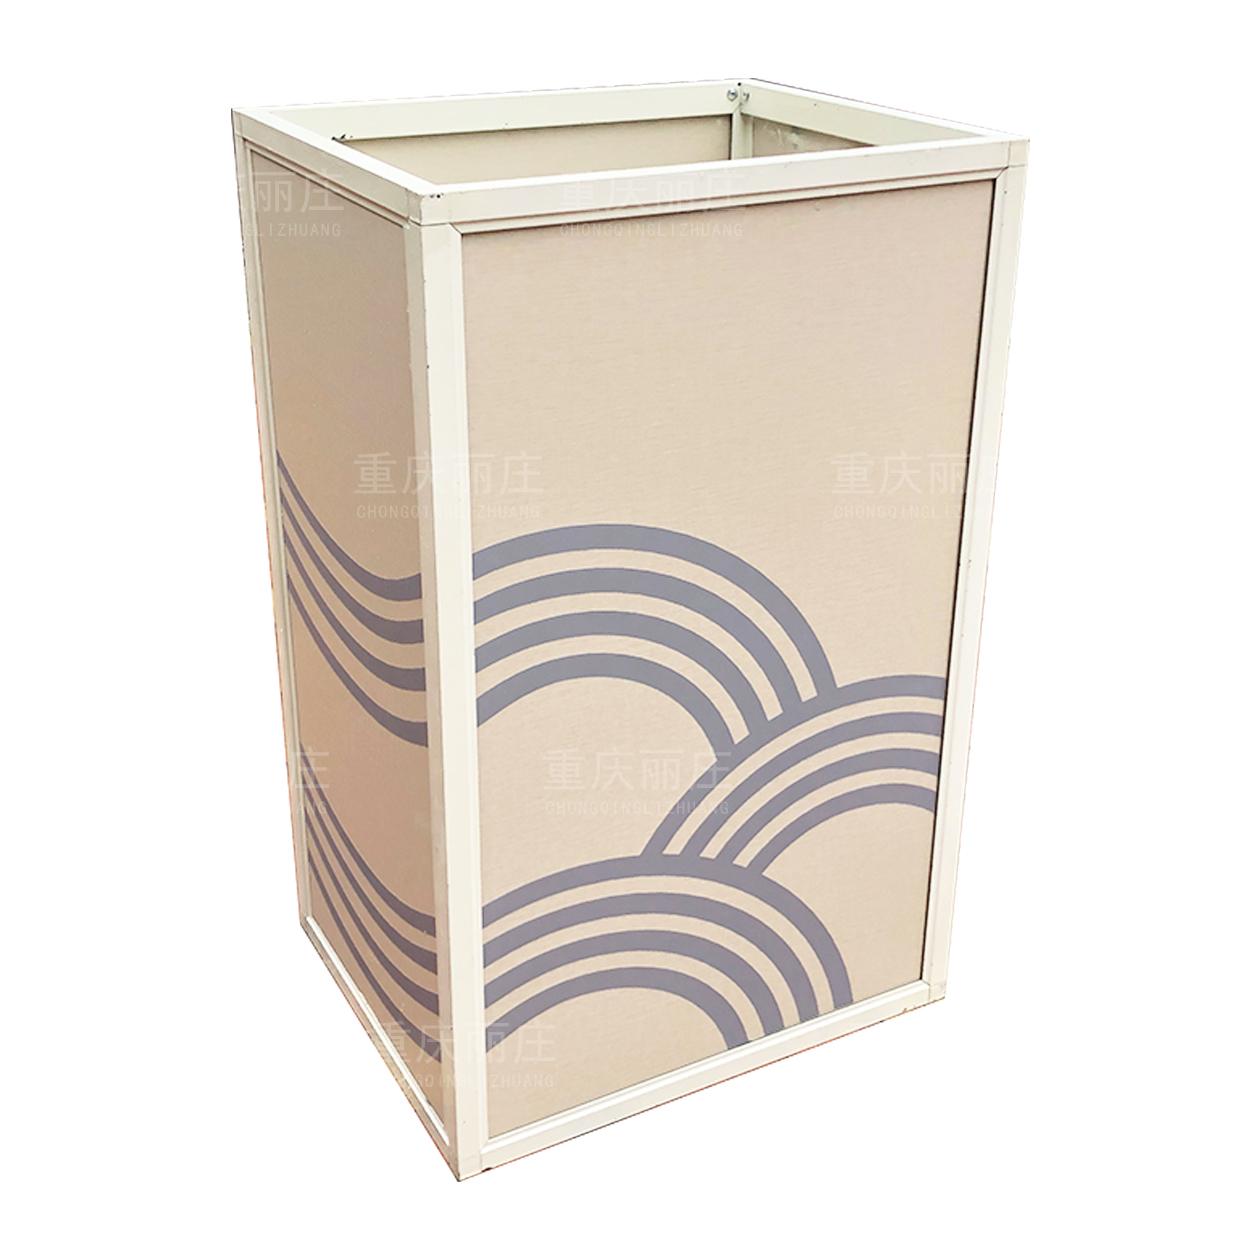 重庆丽庄铝合金花箱铝板花箱定制组合花箱定制